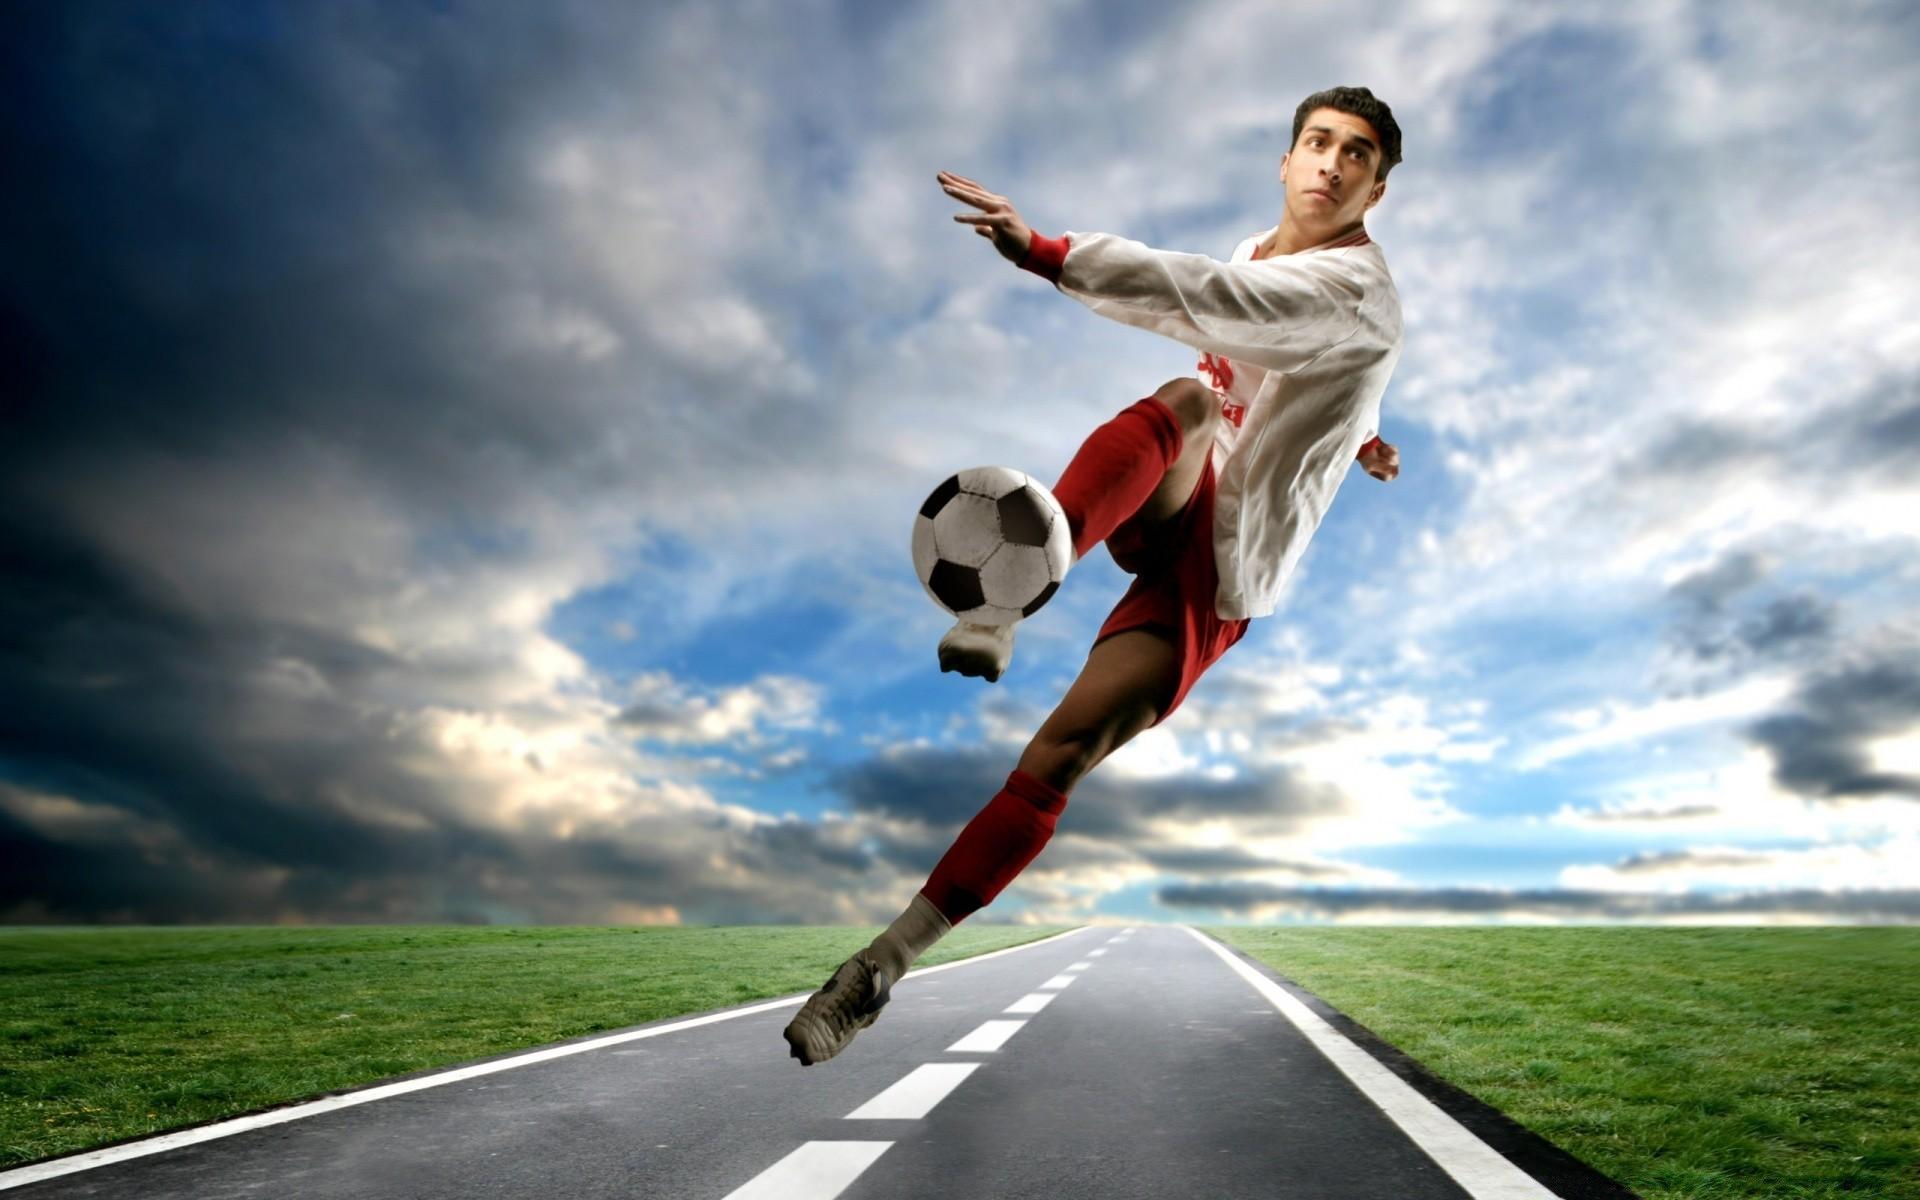 думают, картинки успехов в футболе крылышками сразу